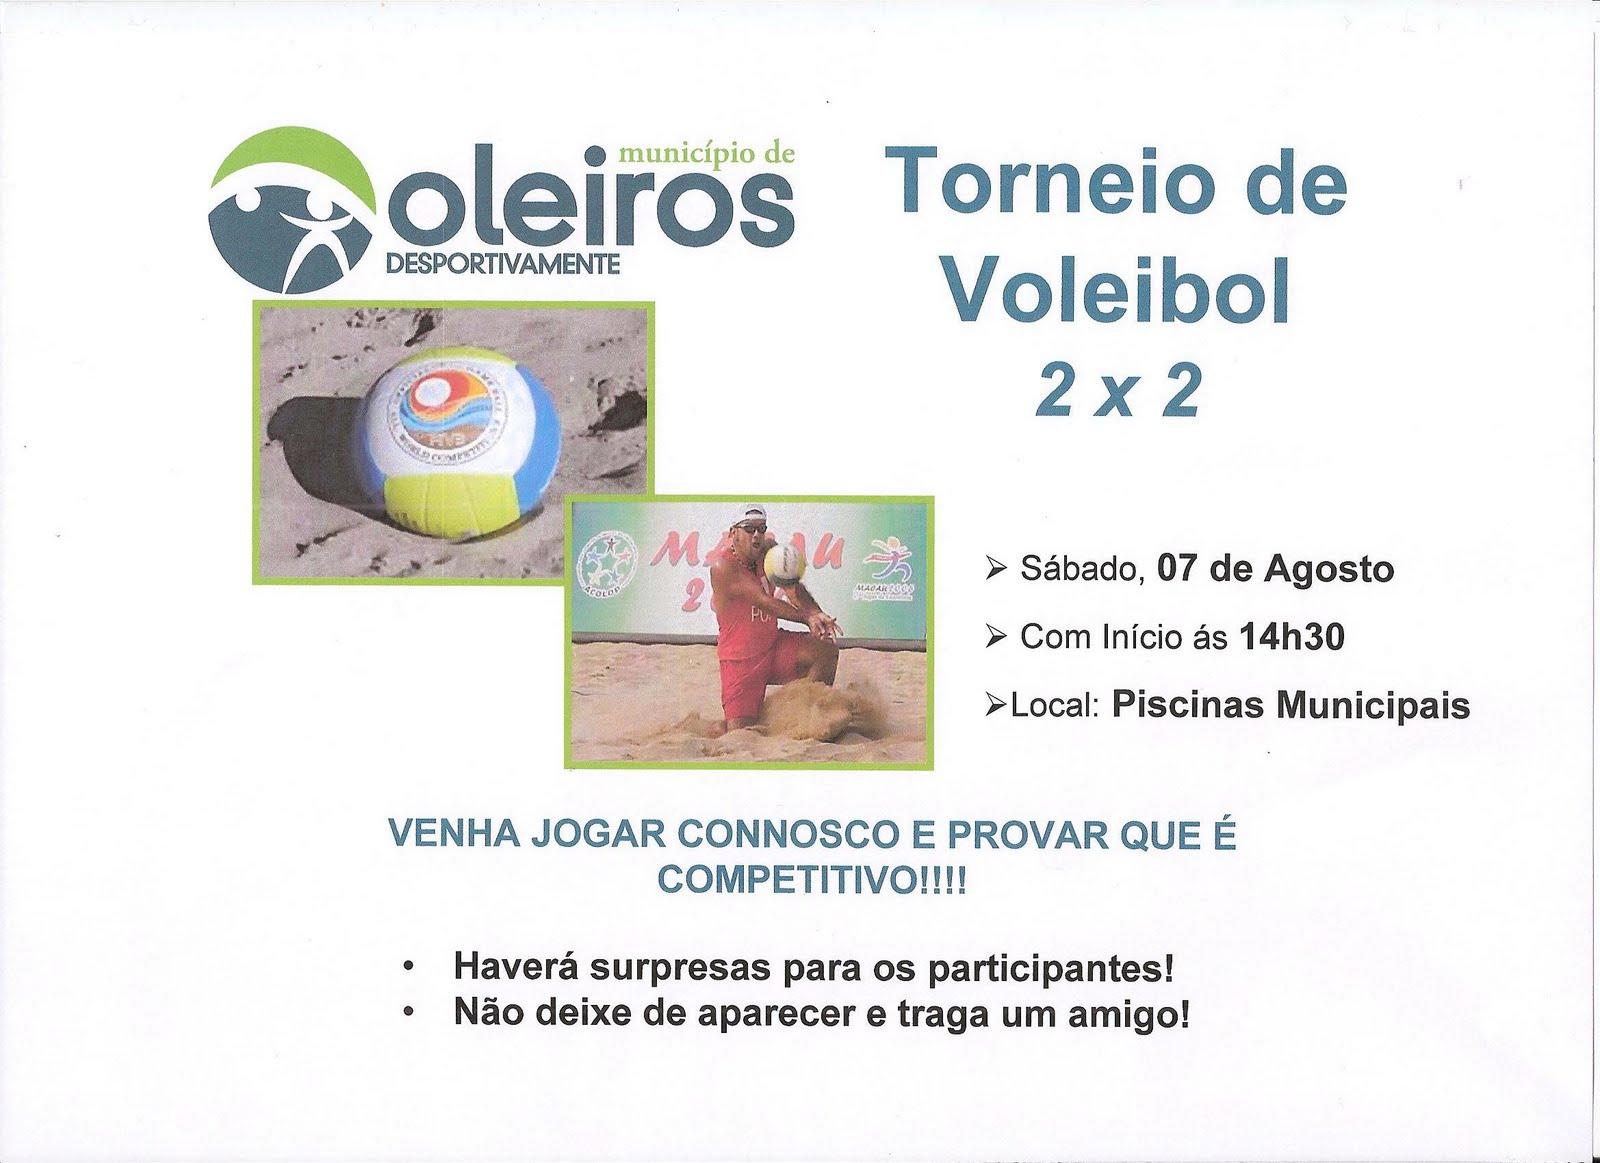 Piscinas municipais de oleiros torneio de voleibol 2 x 2 for Piscina municipal oleiros